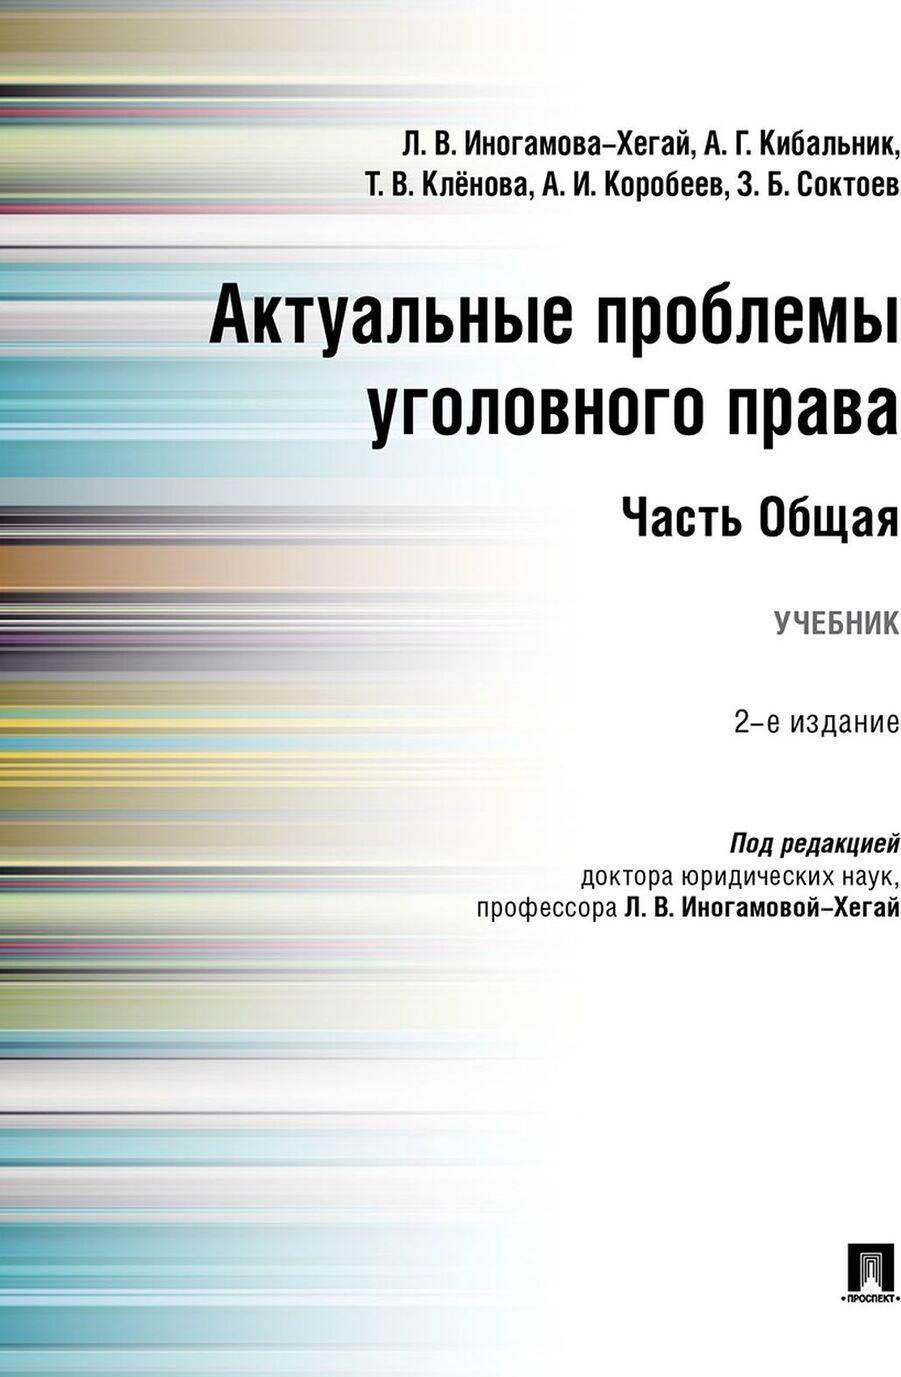 Aktualnye problemy ugolovnogo prava. Chast Obschaja. Uchebnik